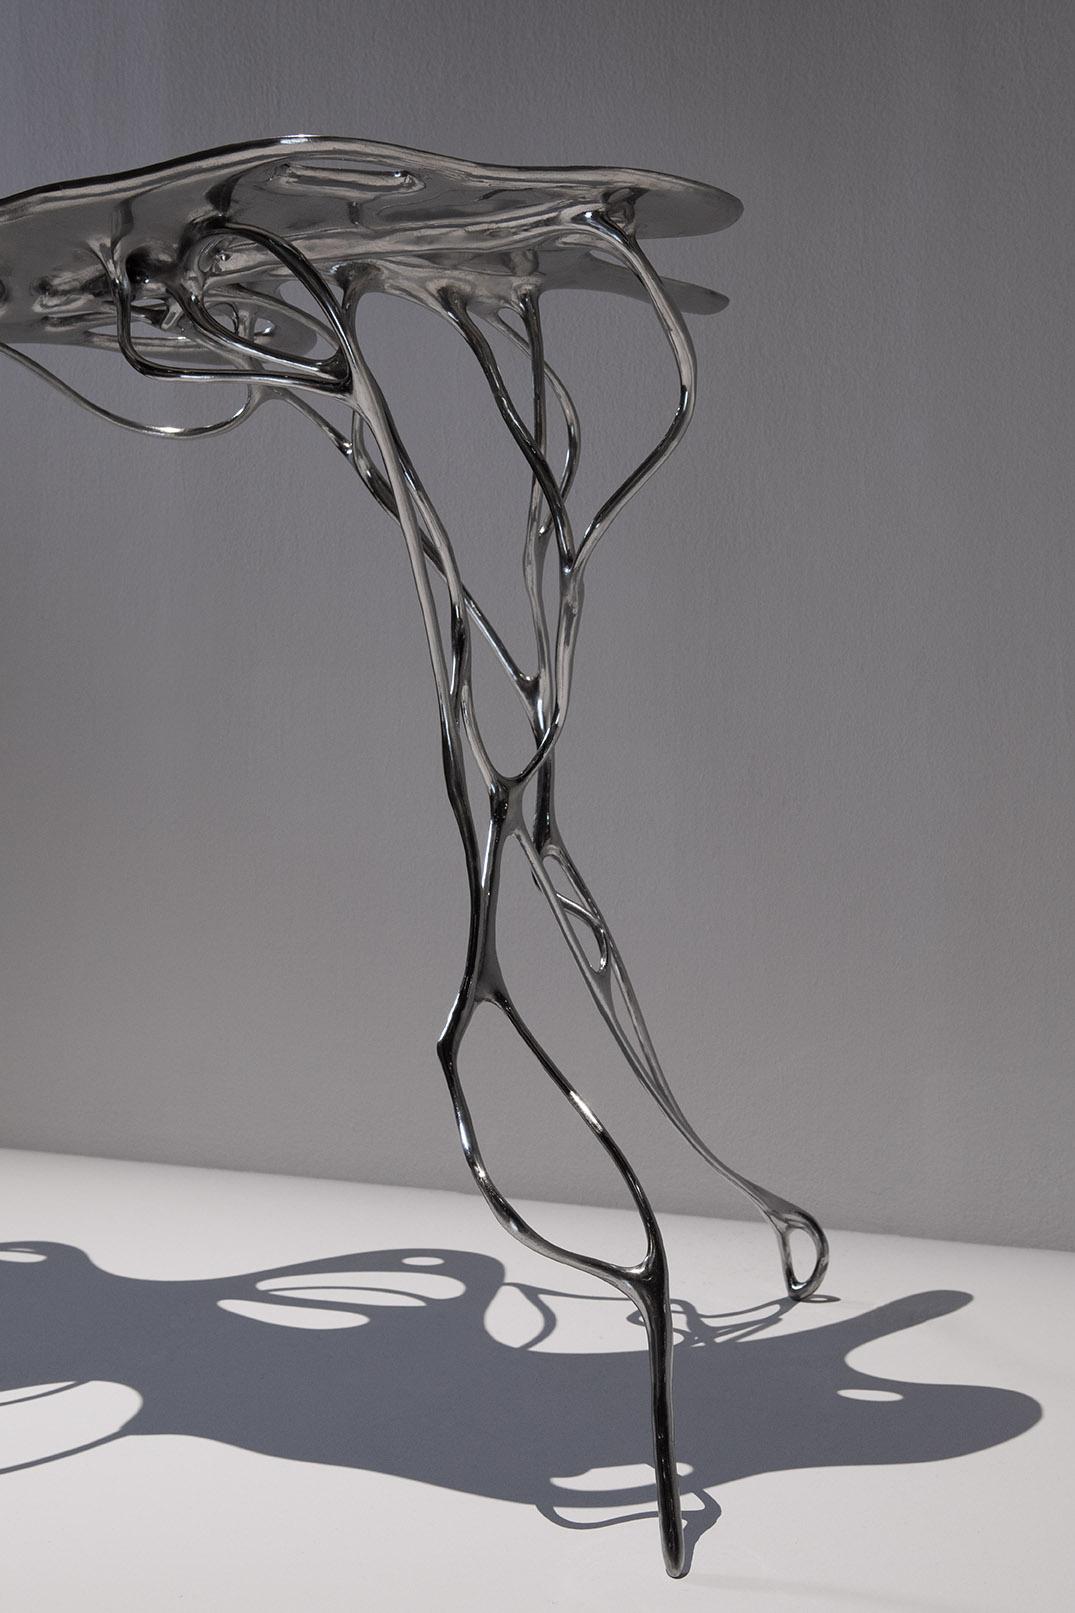 Maria wettergren mw galerie growth table titanium for Table titanium quadra 6